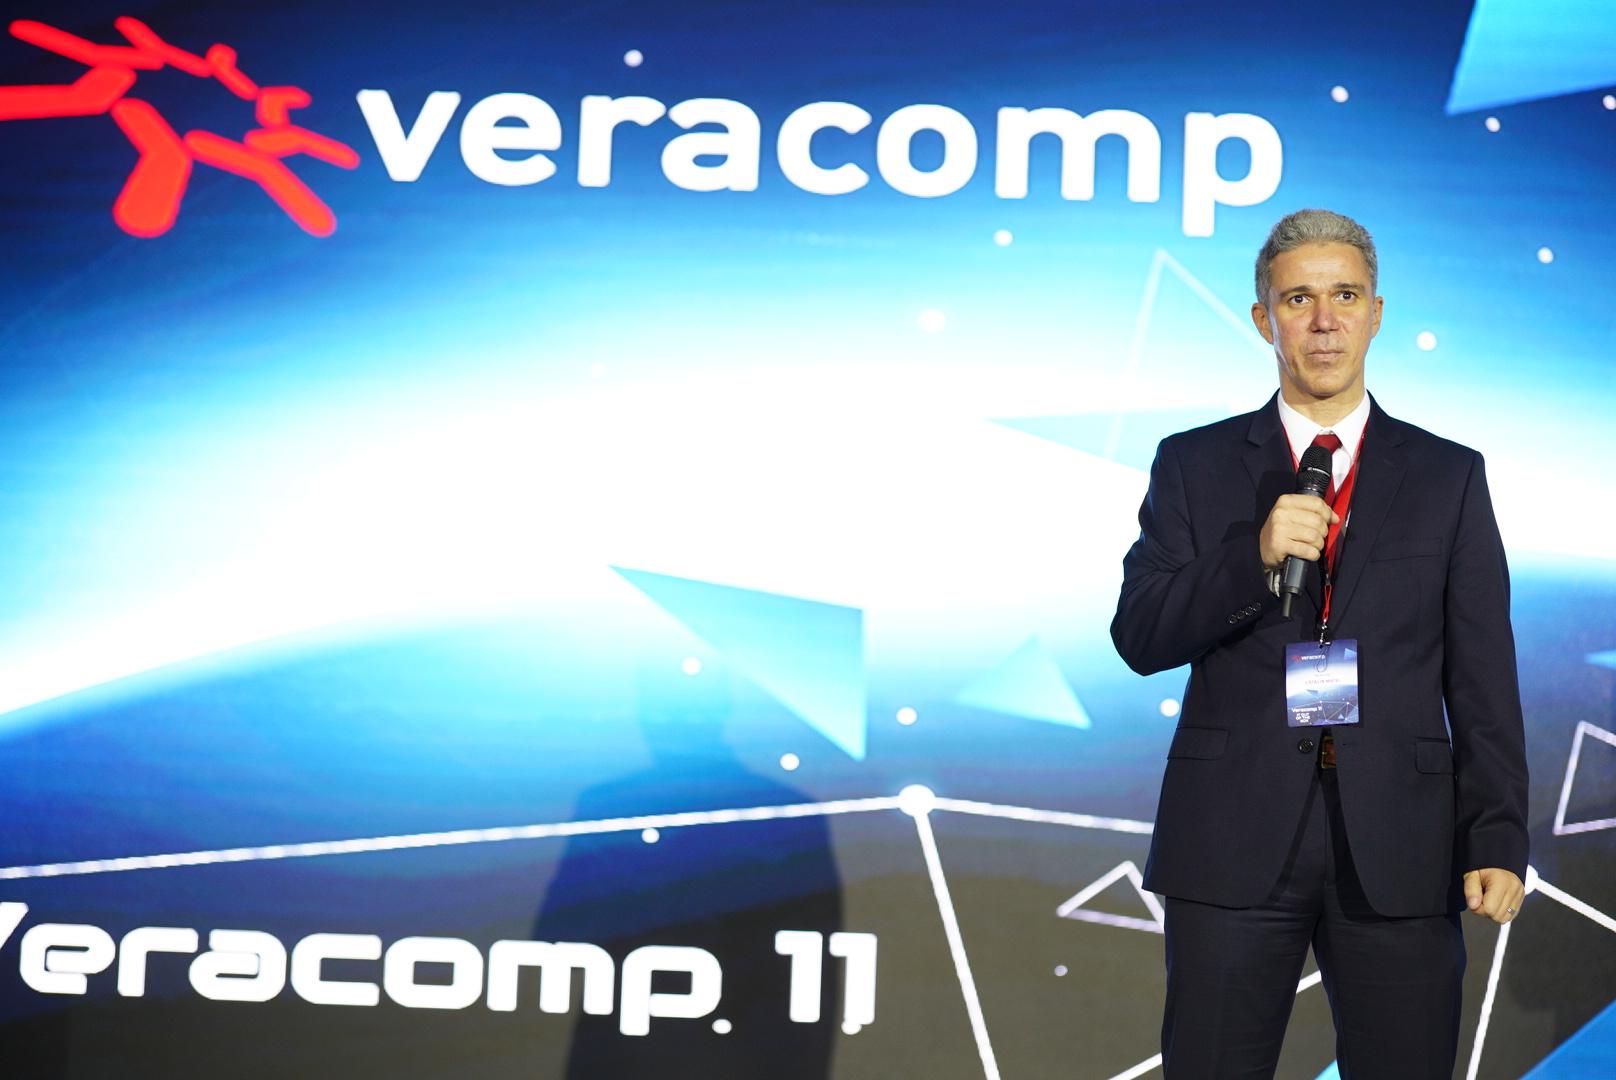 Veracomp – 11 ani de distribuție de soluții IT